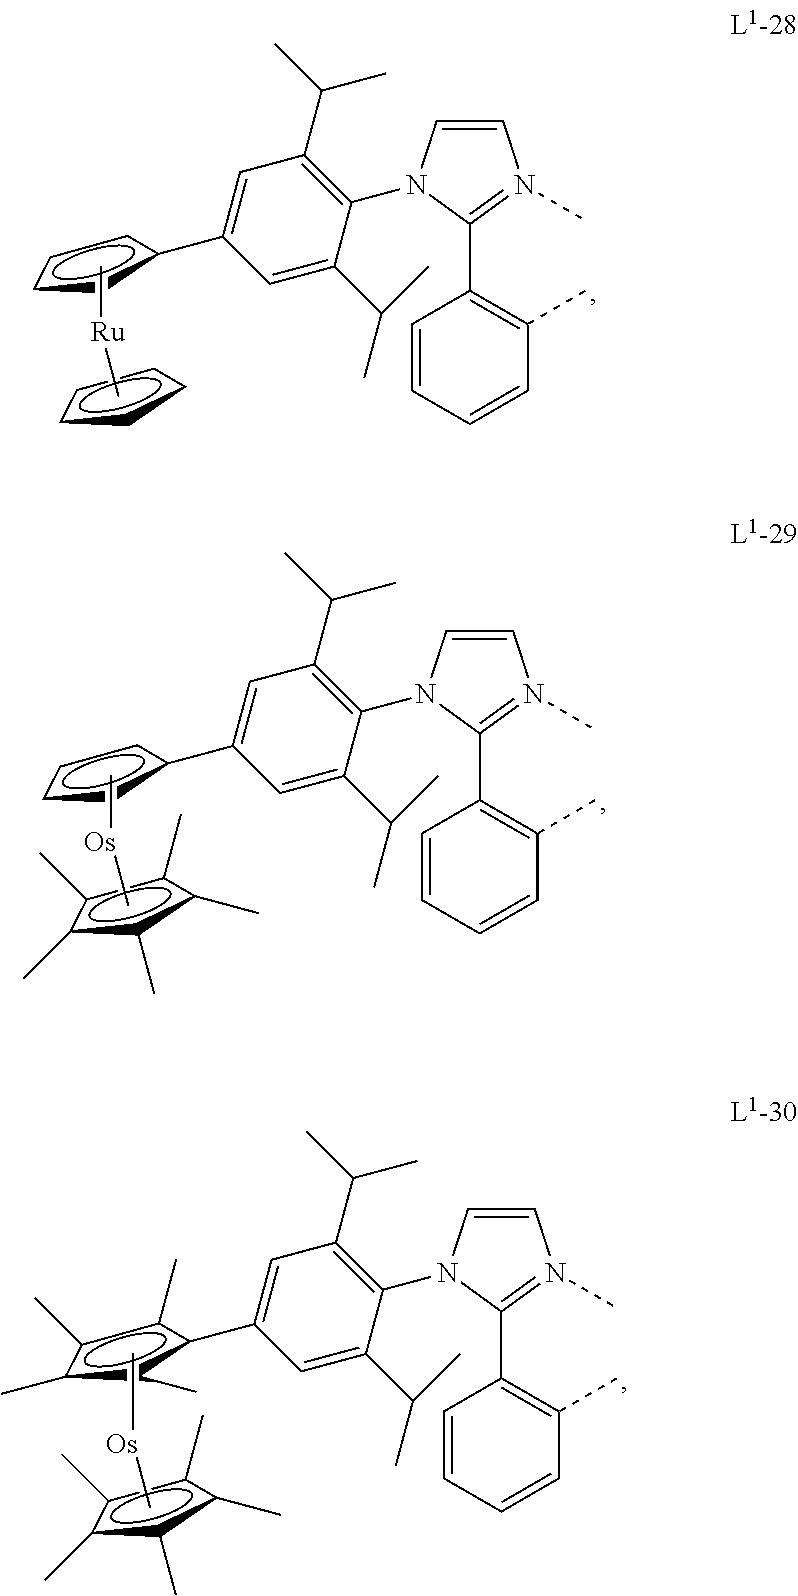 Figure US09680113-20170613-C00020